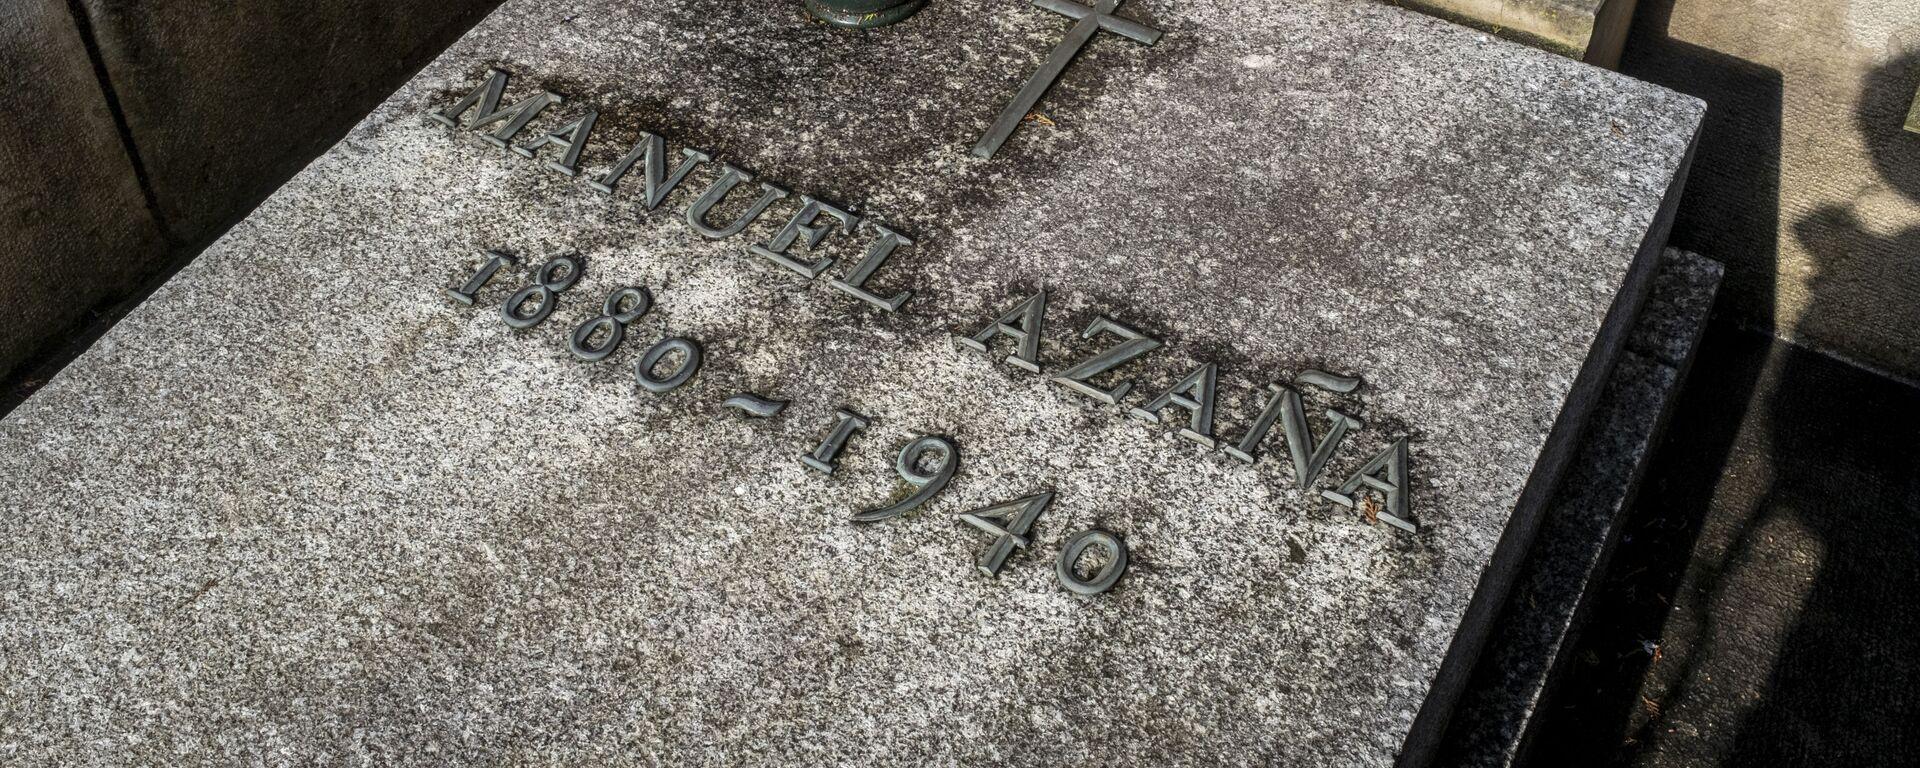 Tumba de Manuel Azaña, en la localidad francesa de Montauban - Sputnik Mundo, 1920, 07.02.2021